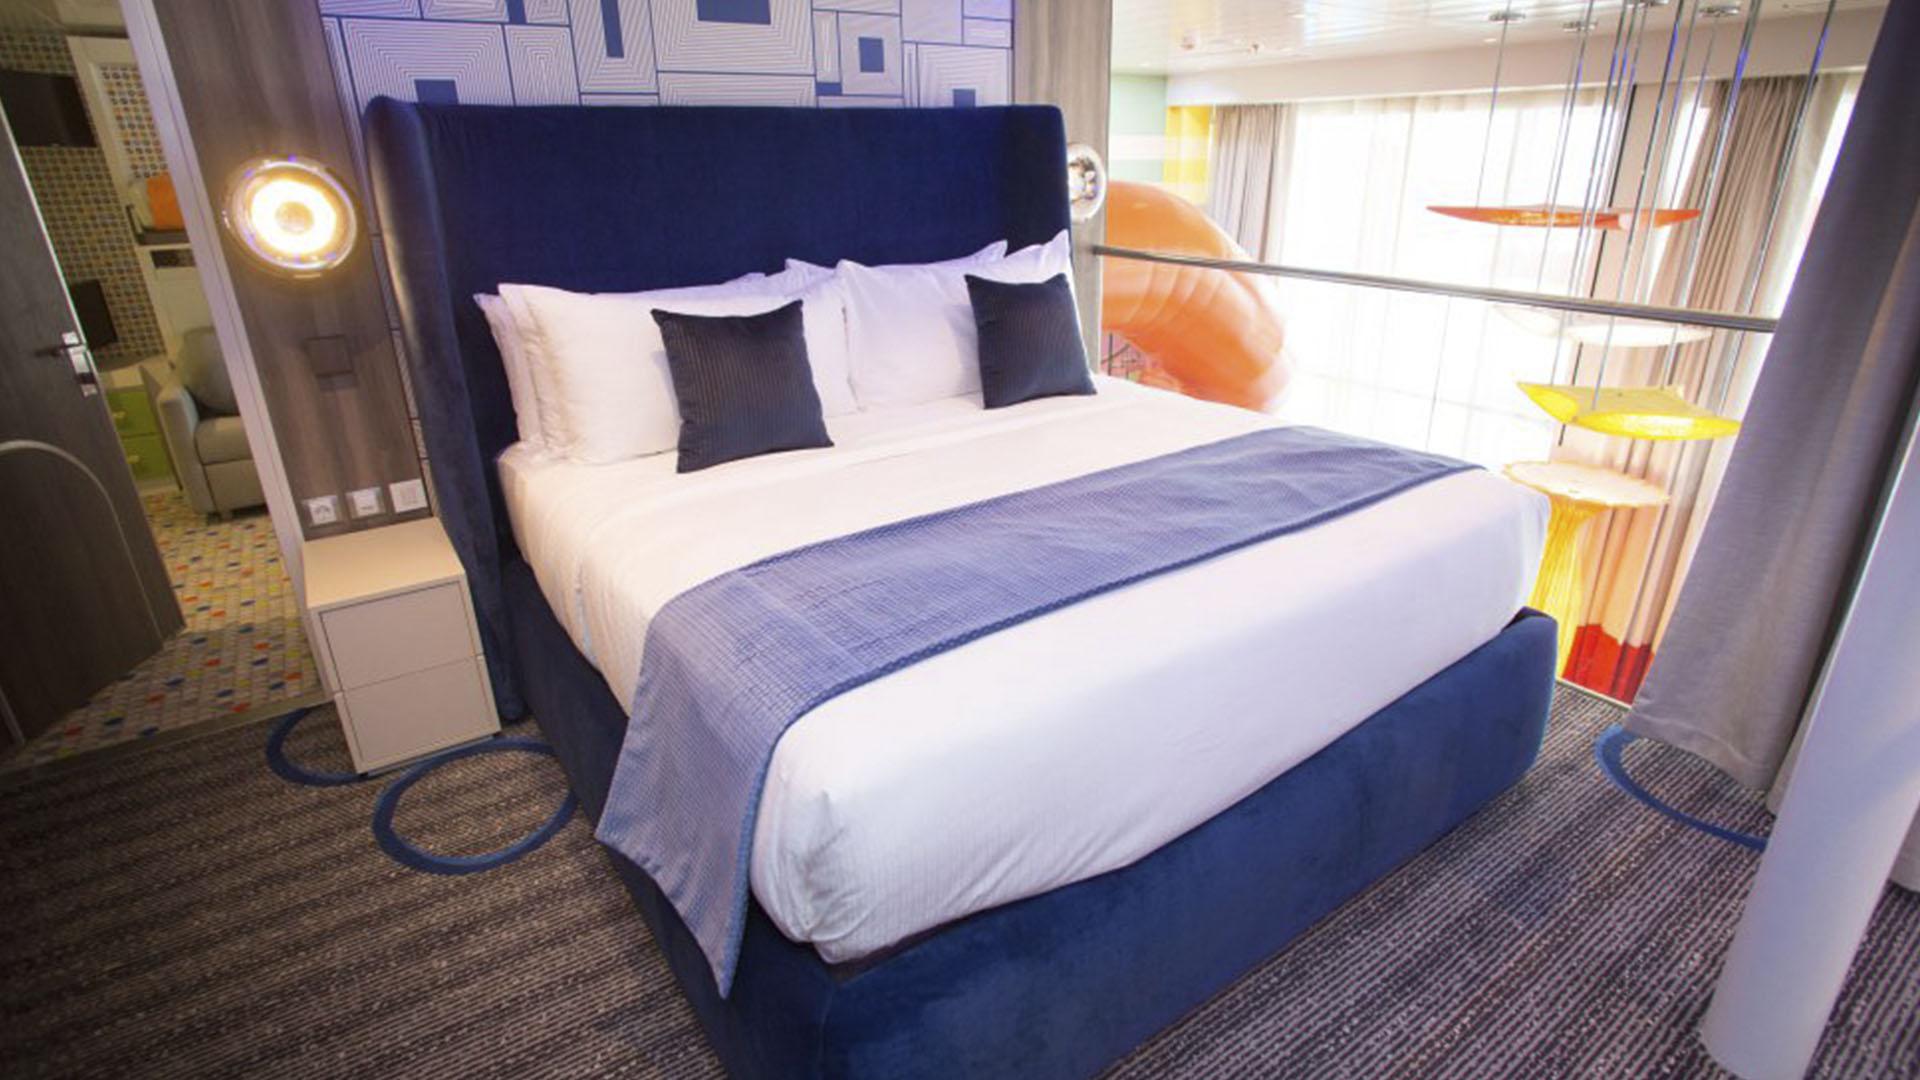 La suite principal del crucero mide 400 metros cuadrados y tiene hasta un tobogán para los niños